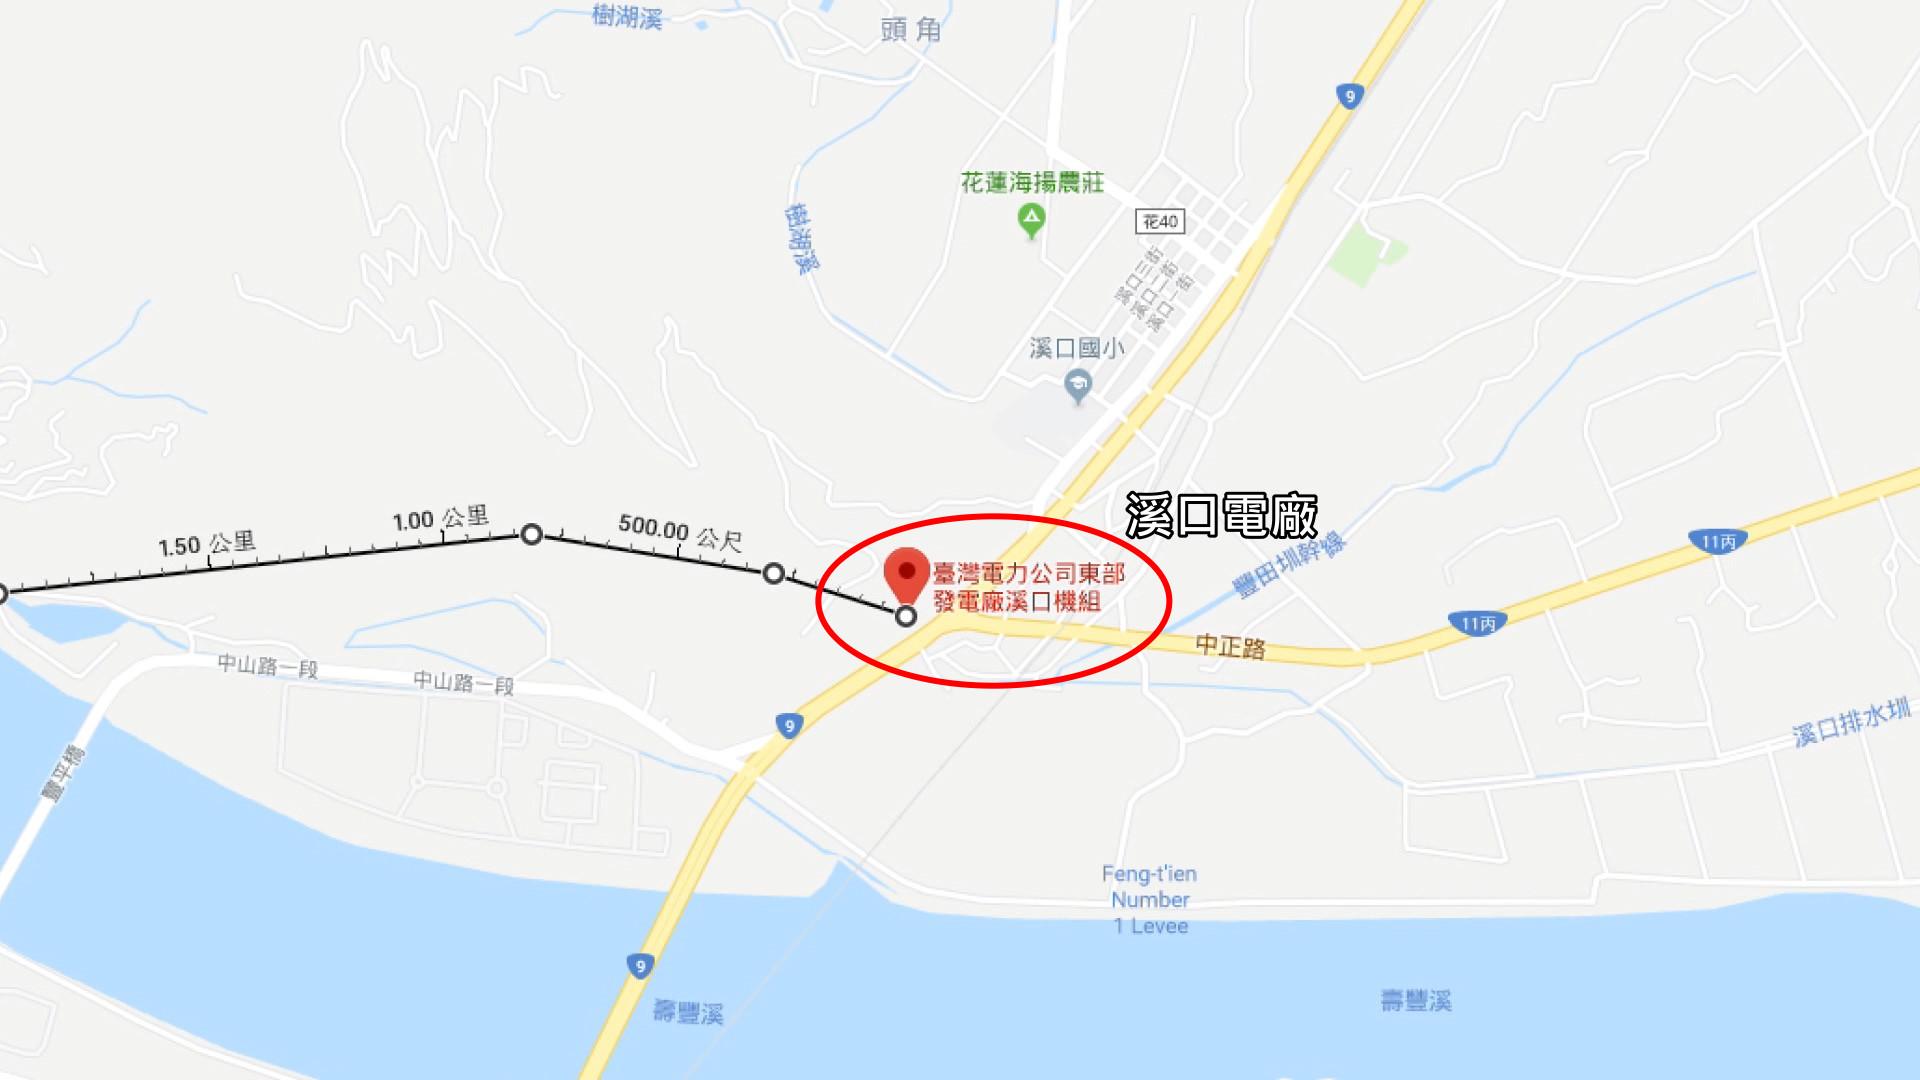 壽豐溪流域溪口電廠位置圖